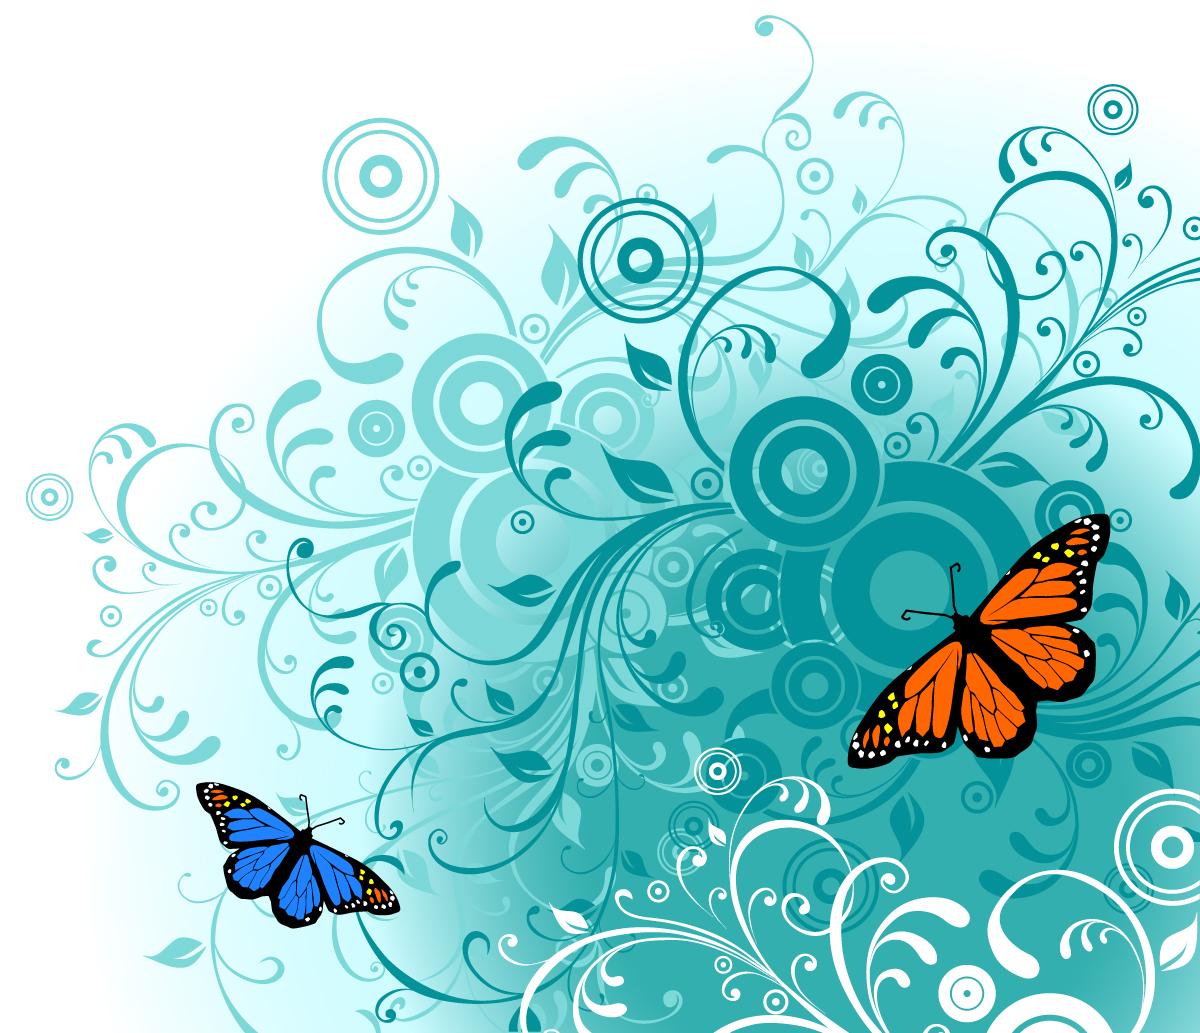 Векторные картинки цветы и бабочки, другу ютубе